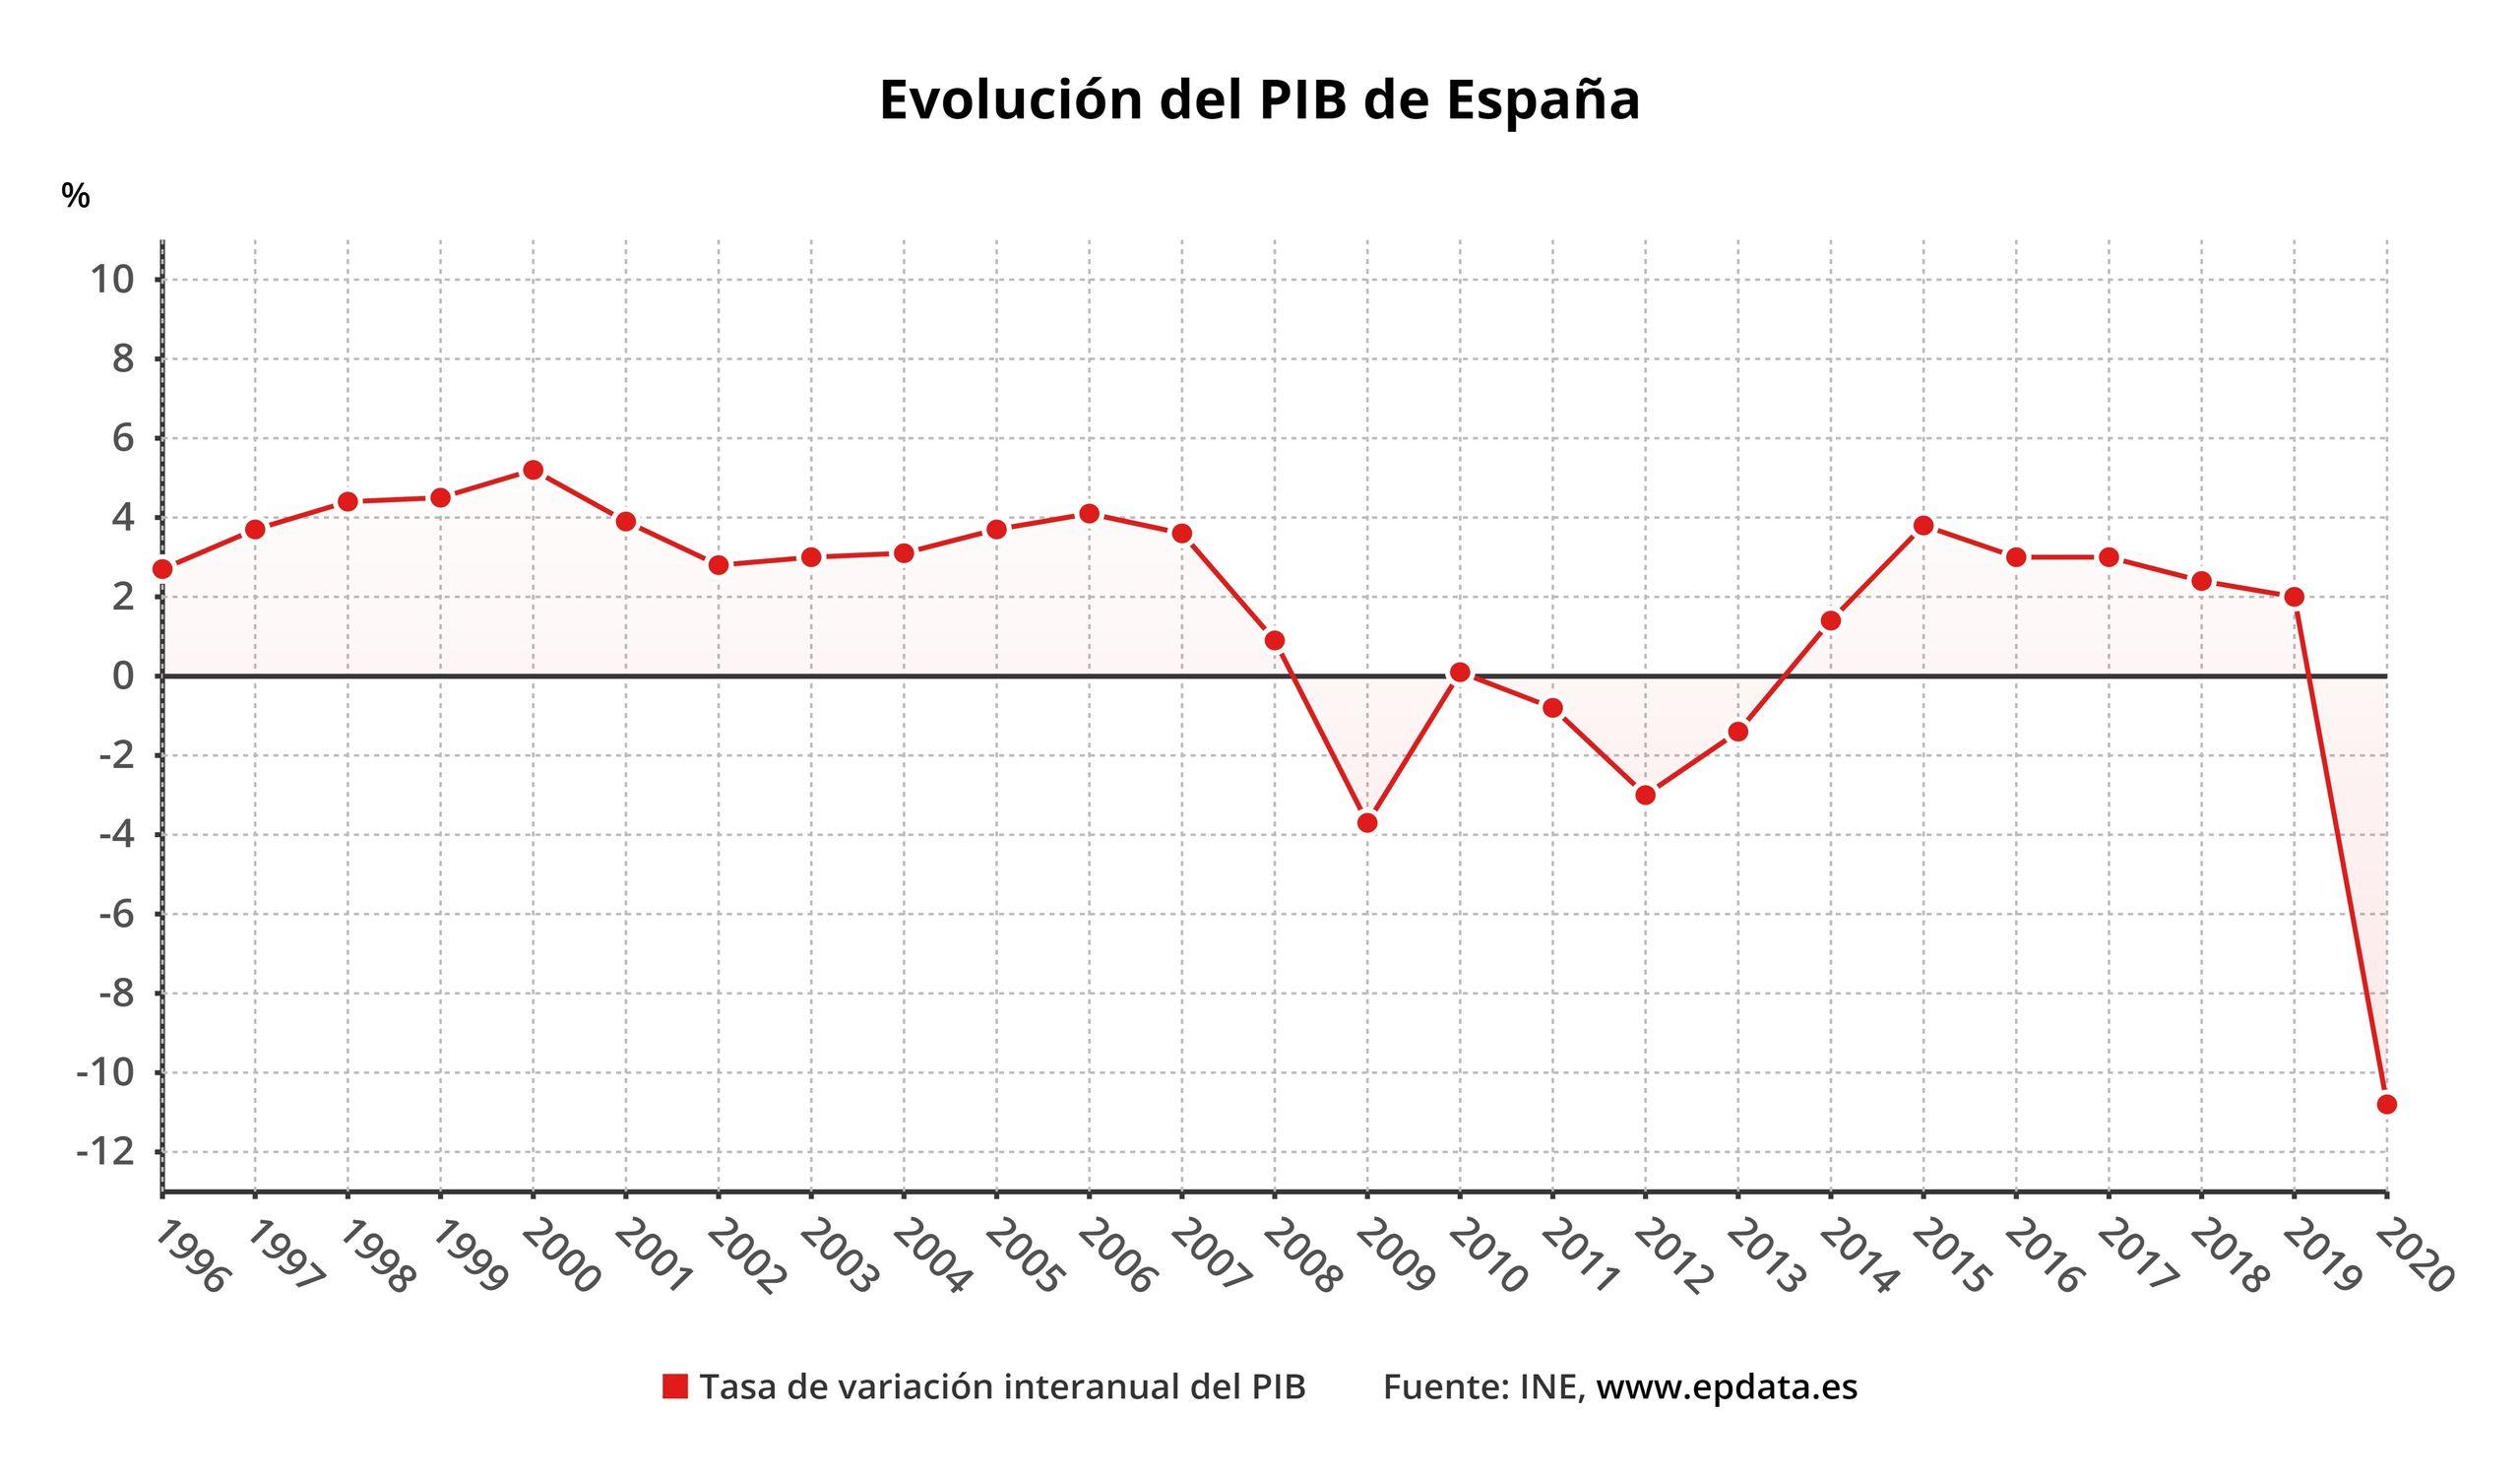 evoluciondelpibdeespa-5.jpg